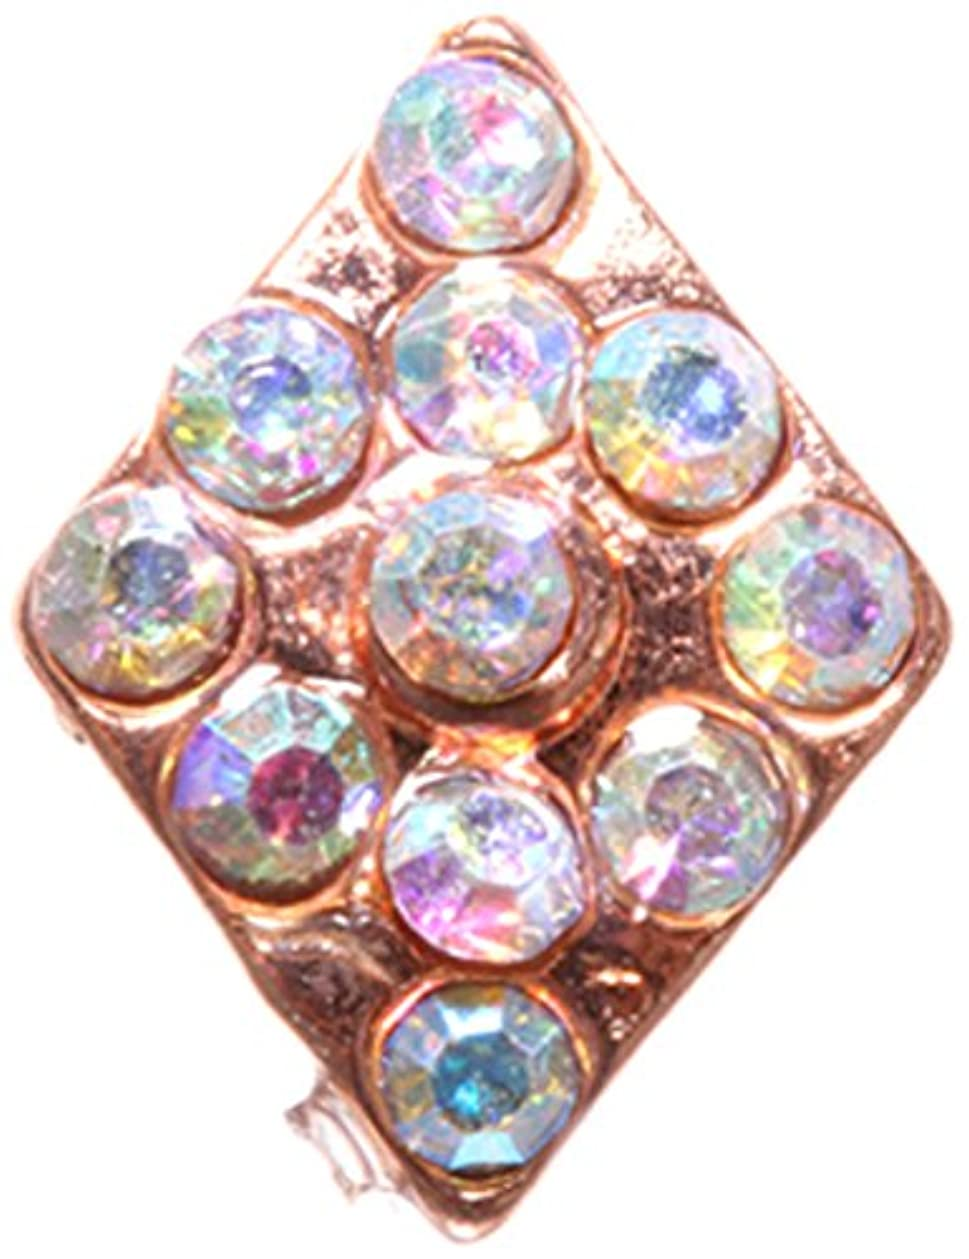 市民志す設置ダイヤ オーロラ(各2個) ピンクゴールド